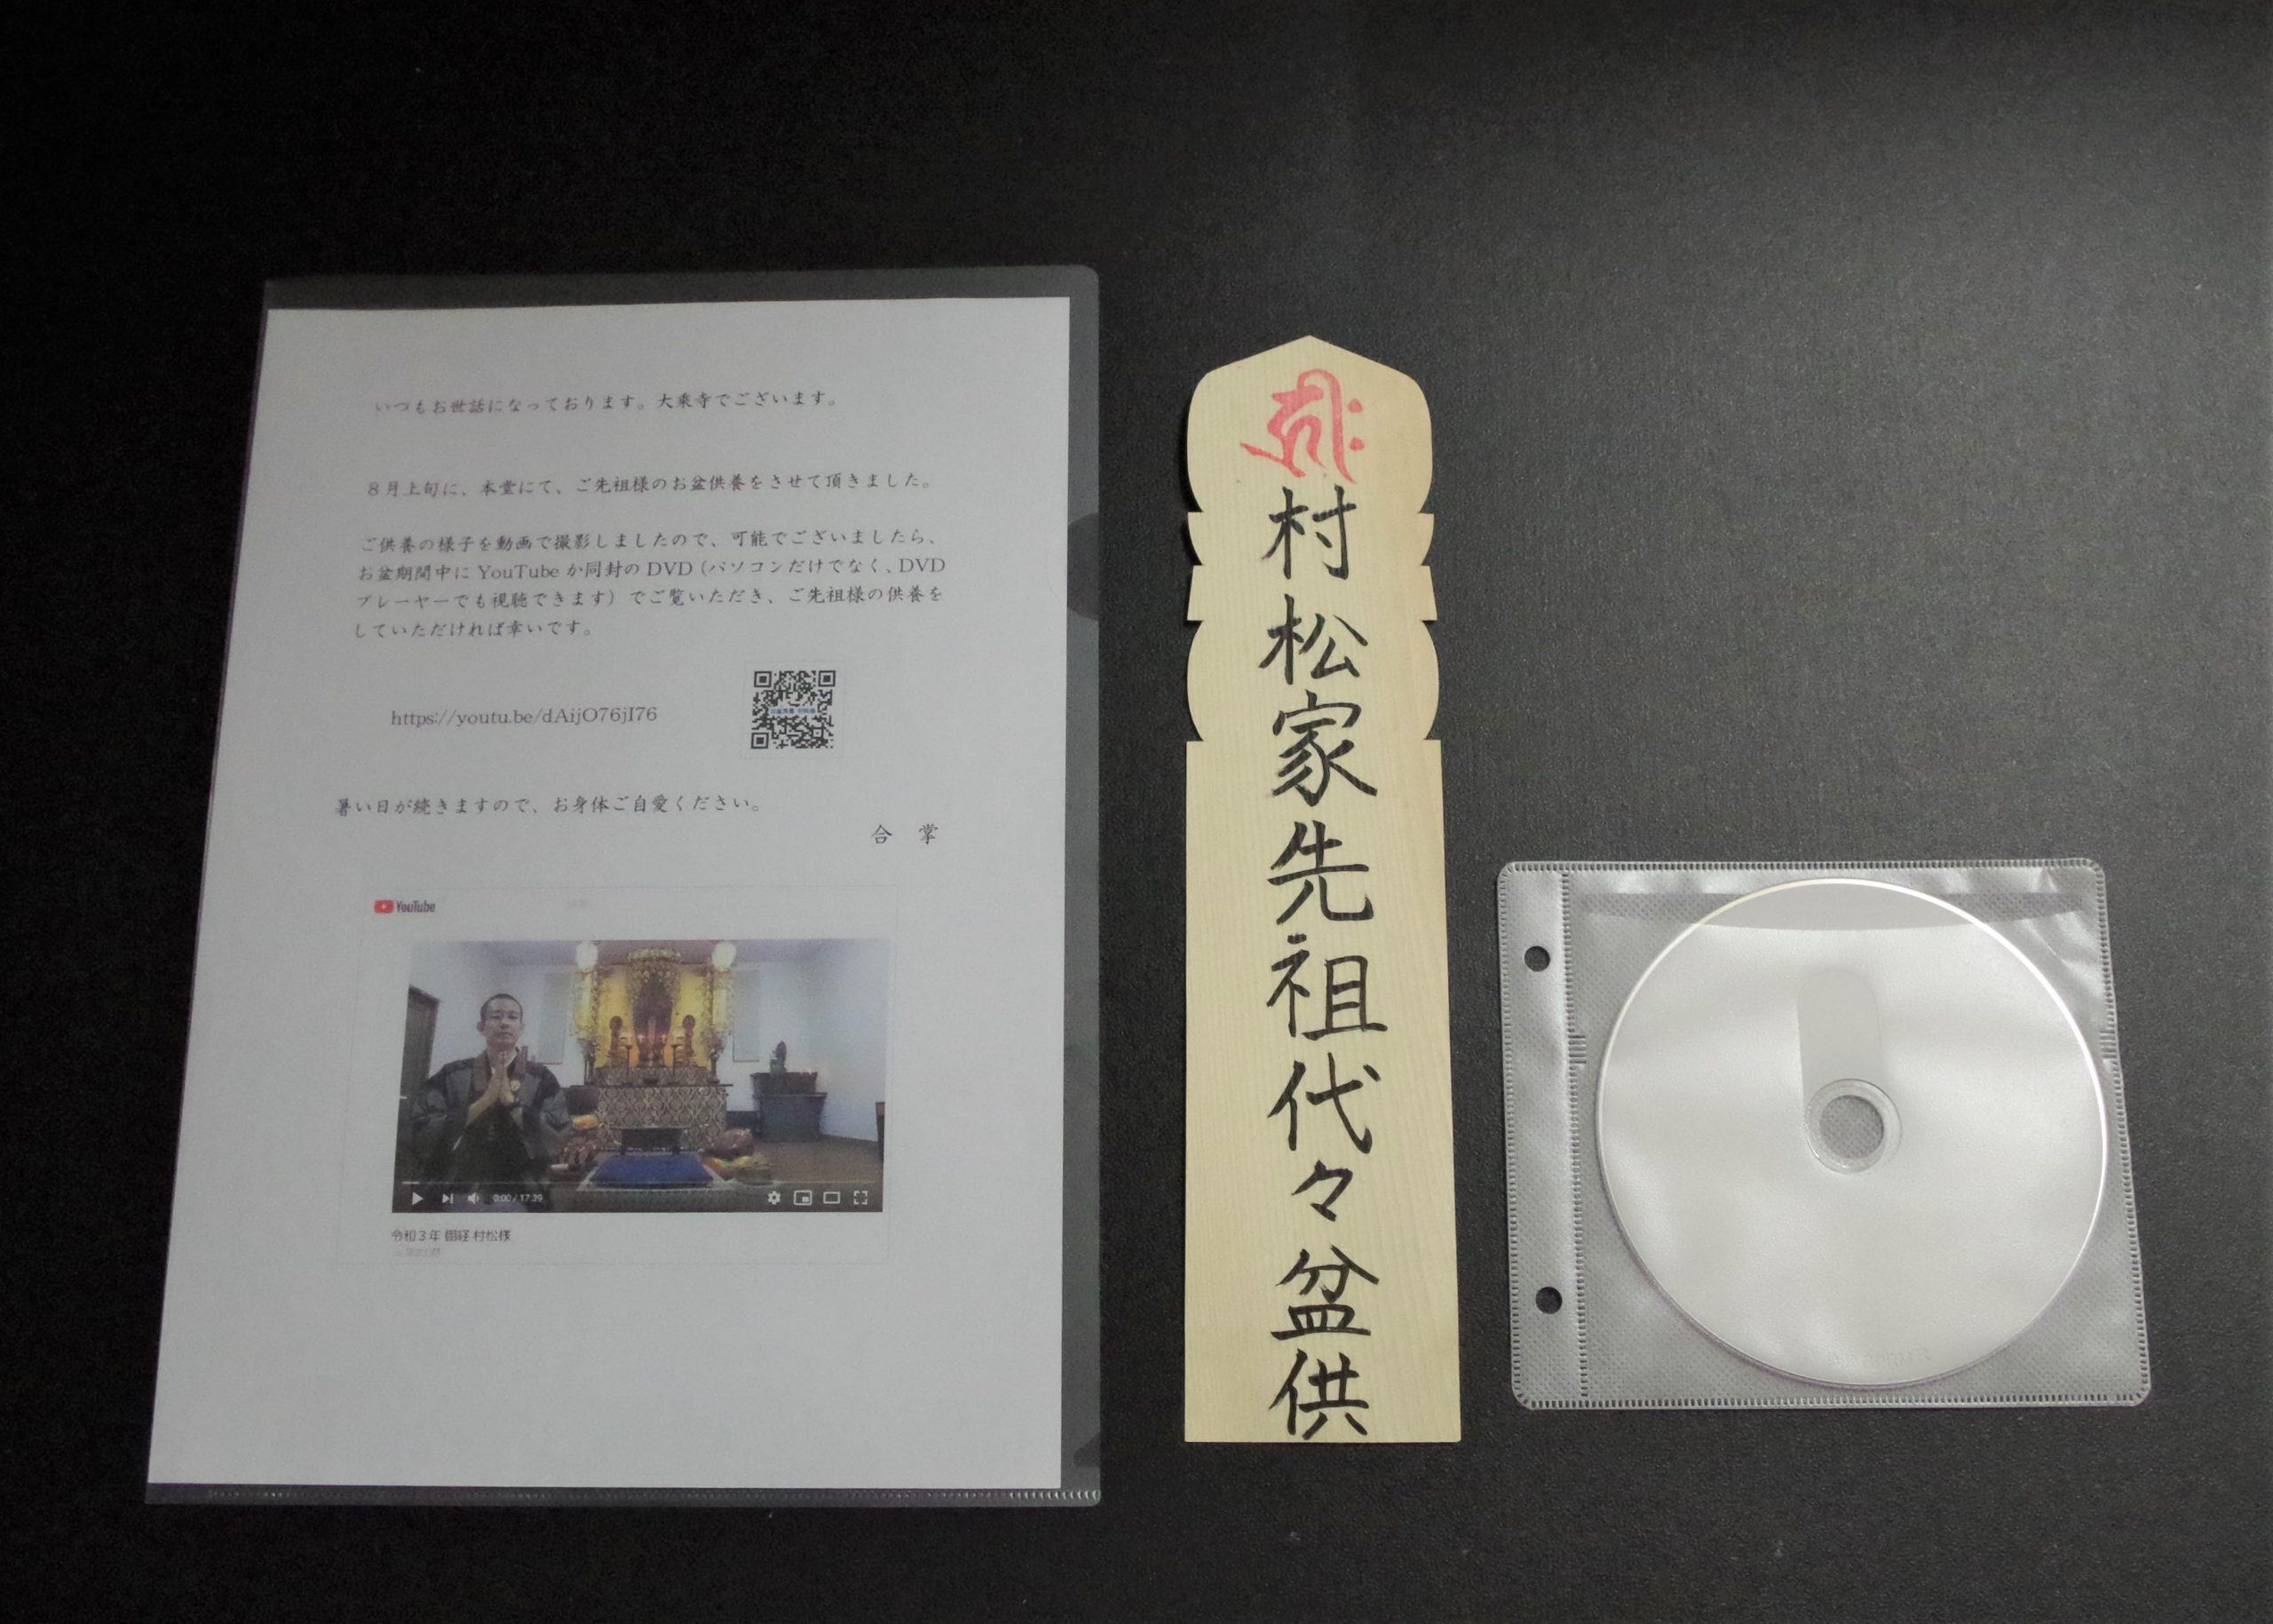 大阪市 大乗寺 オンライン法要 郵送